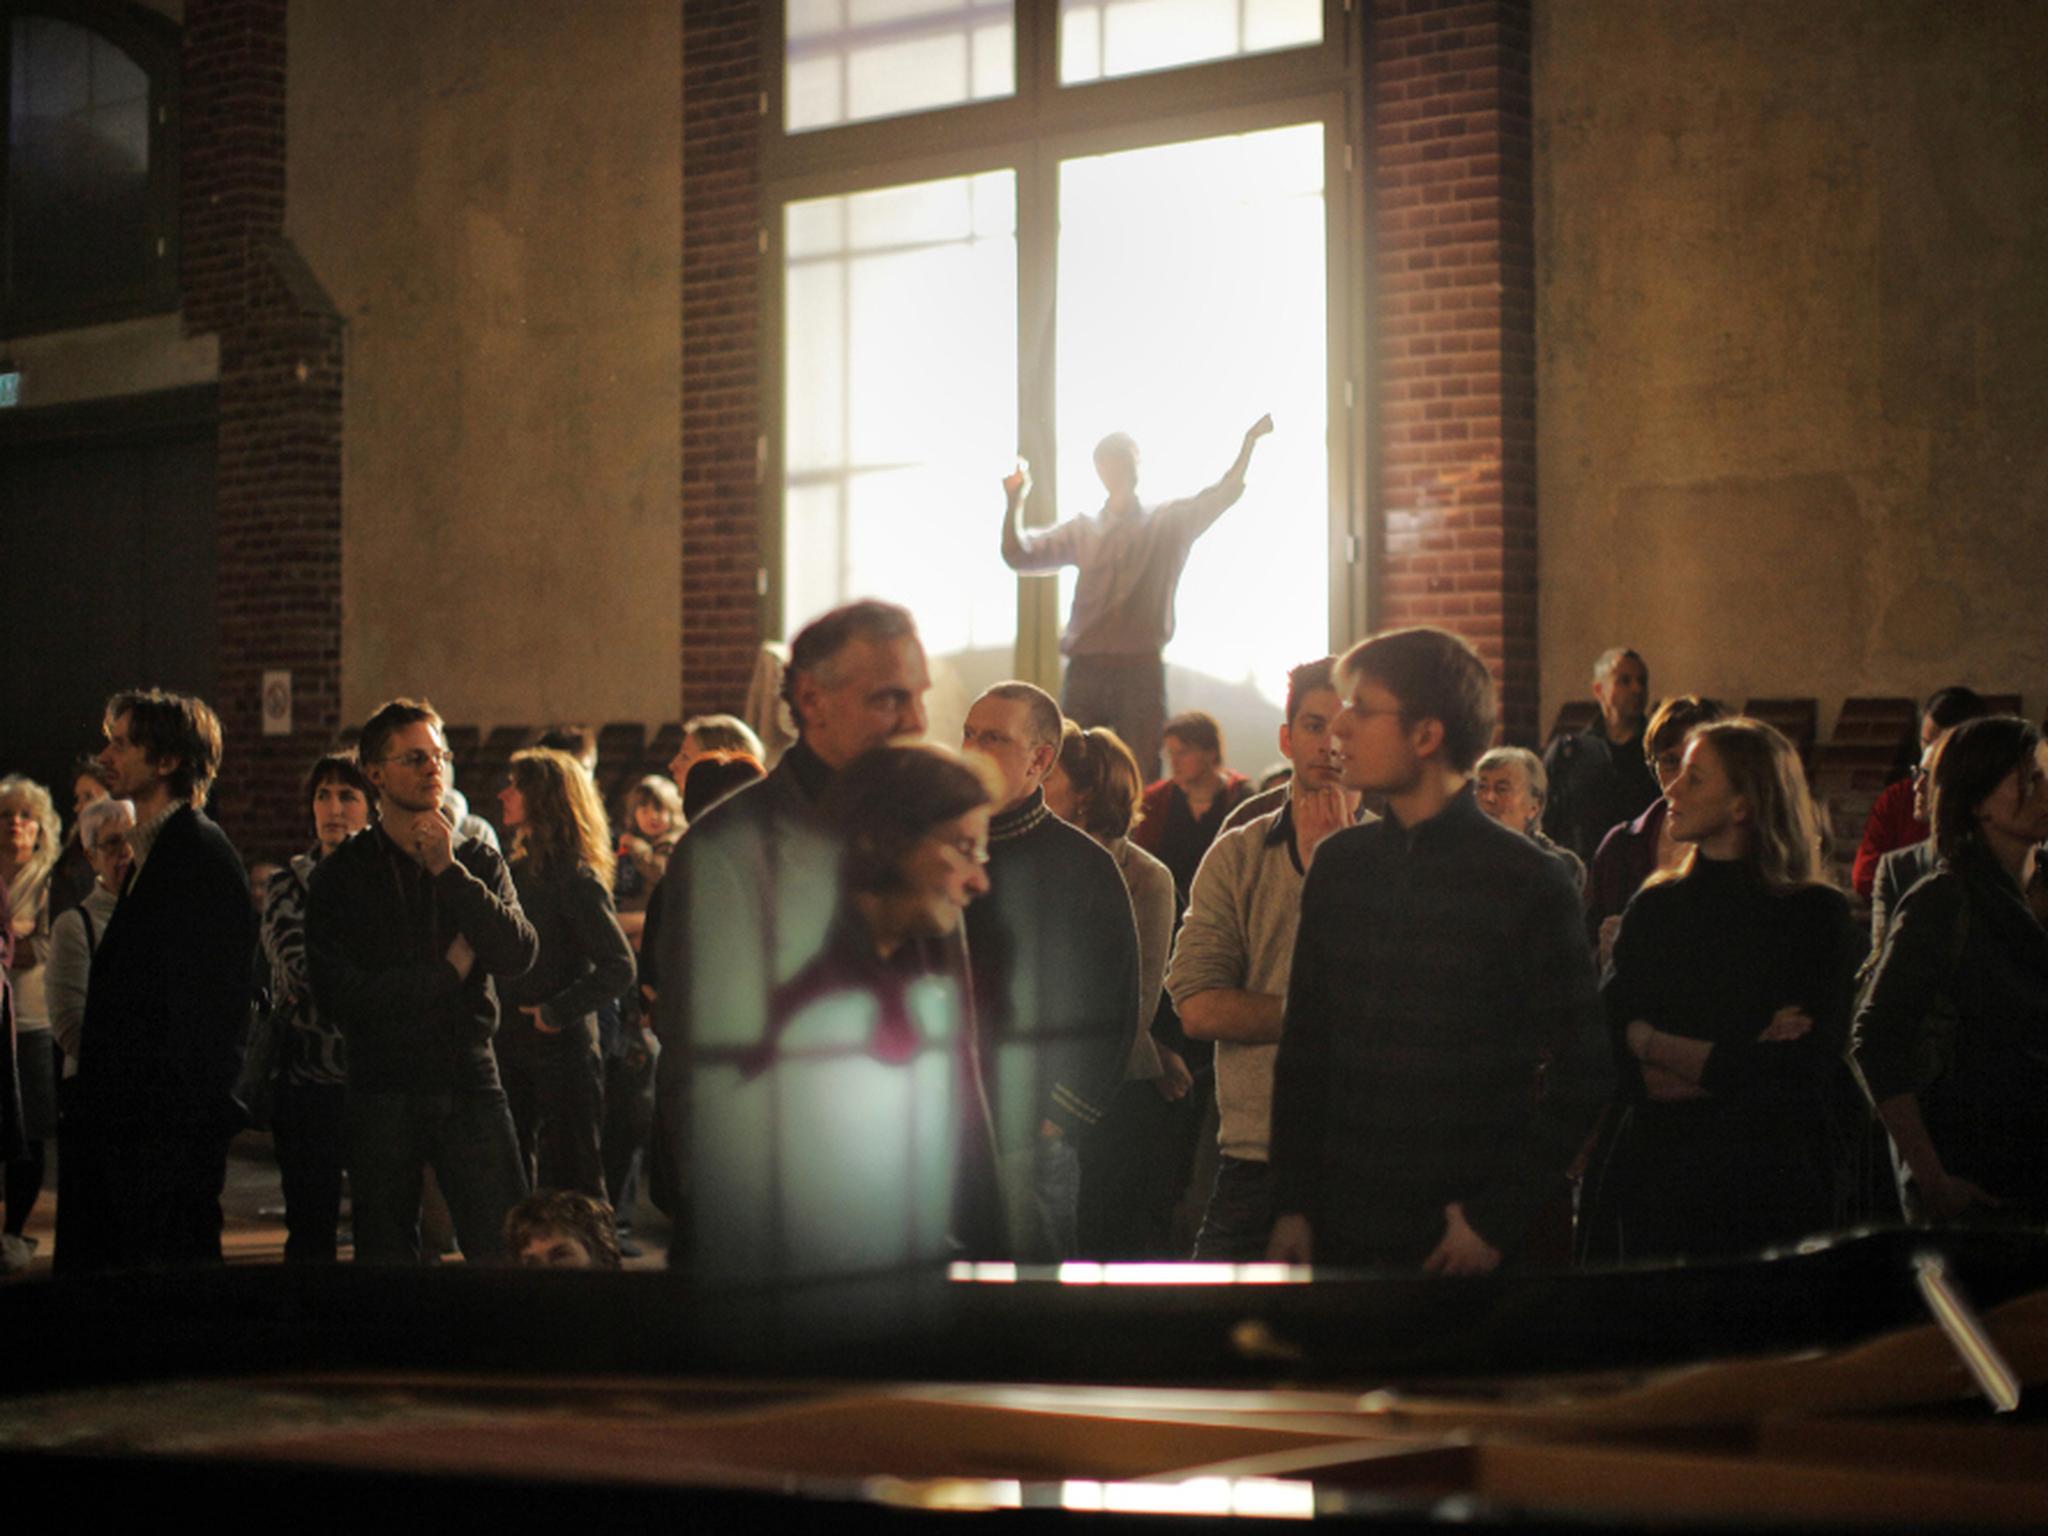 那是對着你一個人的演唱。有什麼合唱團,能如此有信心地、肯定地、近距離地唱出為人帶來盼望的福音?